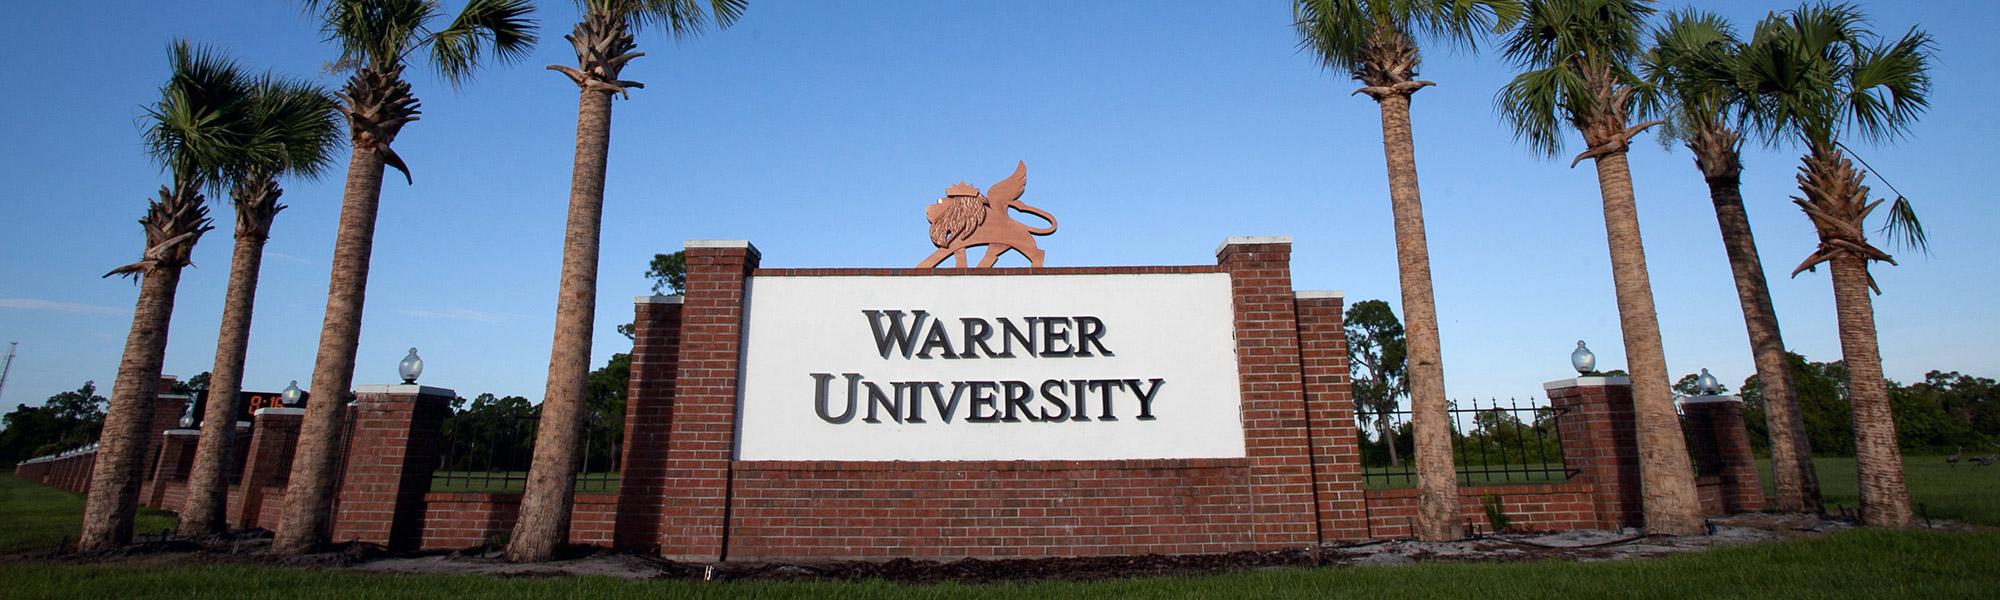 warner_sign_cropped.jpg